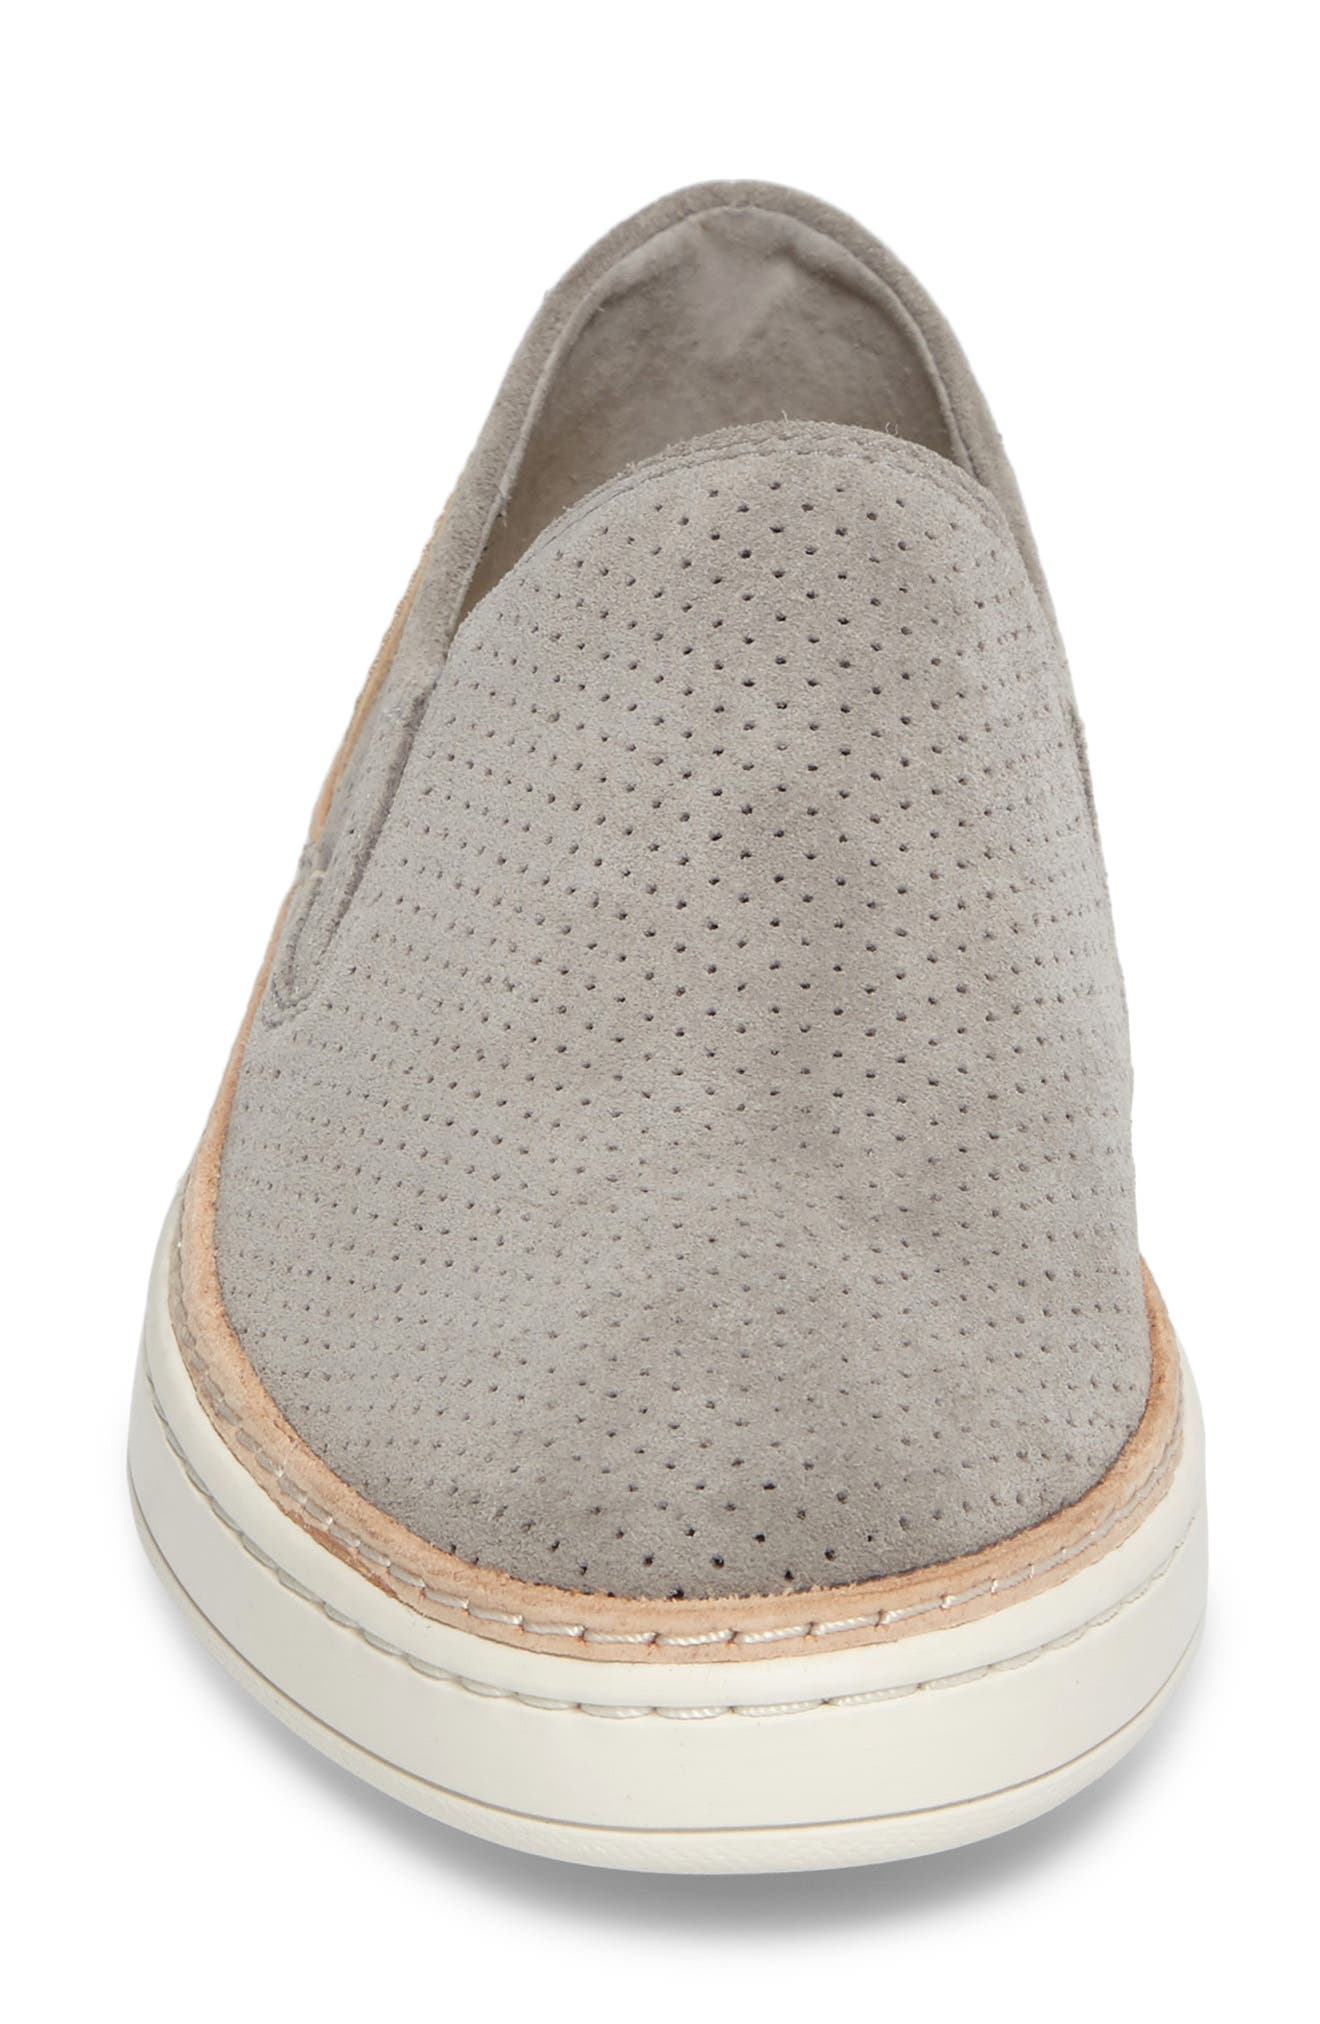 Adley Slip-On Sneaker,                             Alternate thumbnail 37, color,